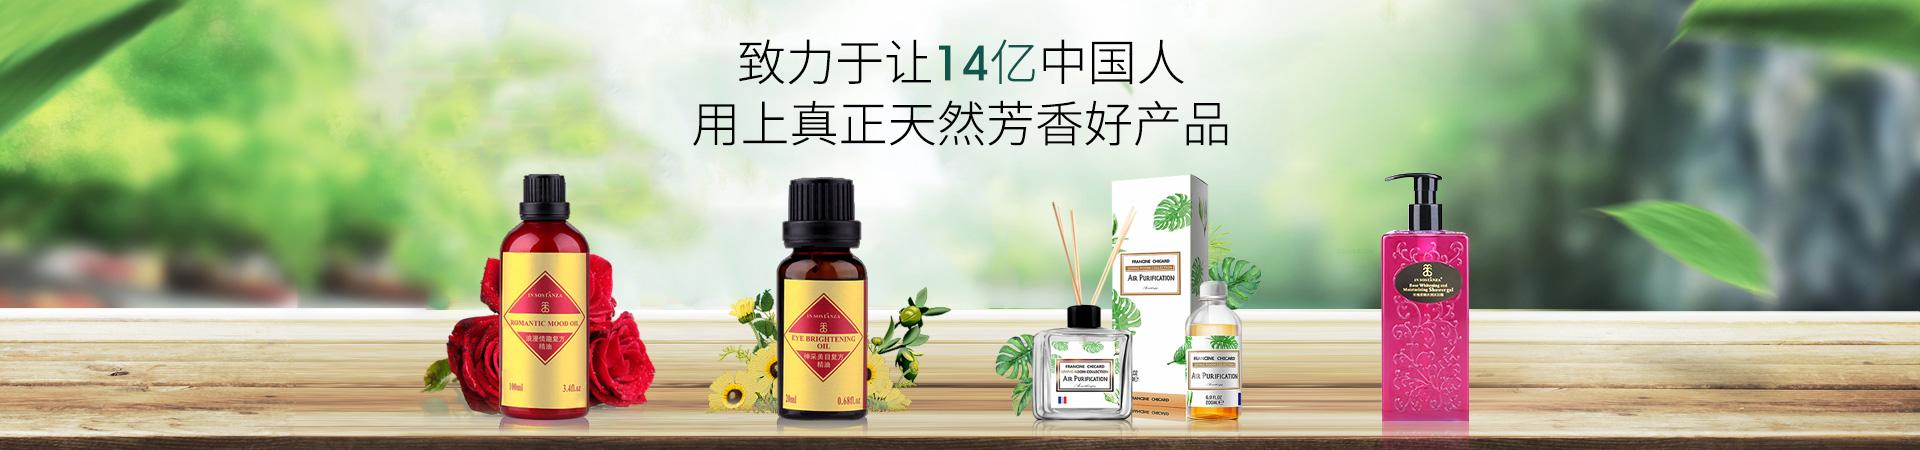 芳香世家-致力于让14亿中国人用上真正天然芳香好产品